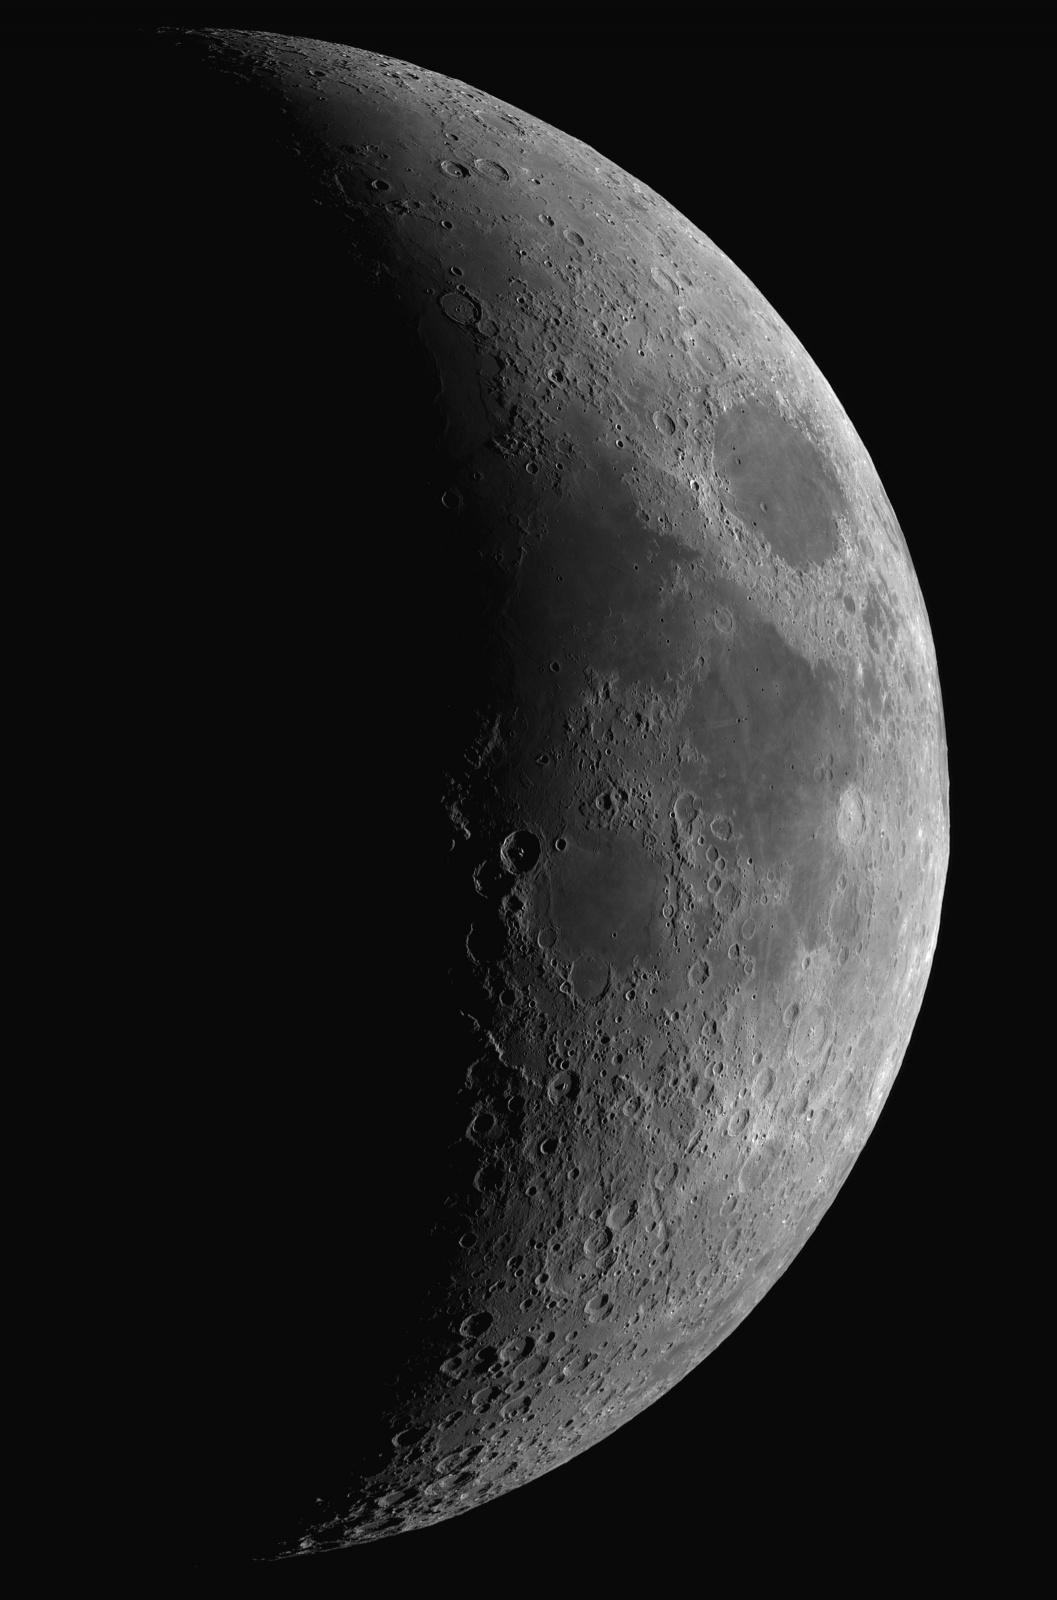 3p. mozaika Księżyca 5d1h 25.07.2020r_og.TS152F900_ASI290MM_Omegon Halpha 12nm_mozaika 105%....jpg